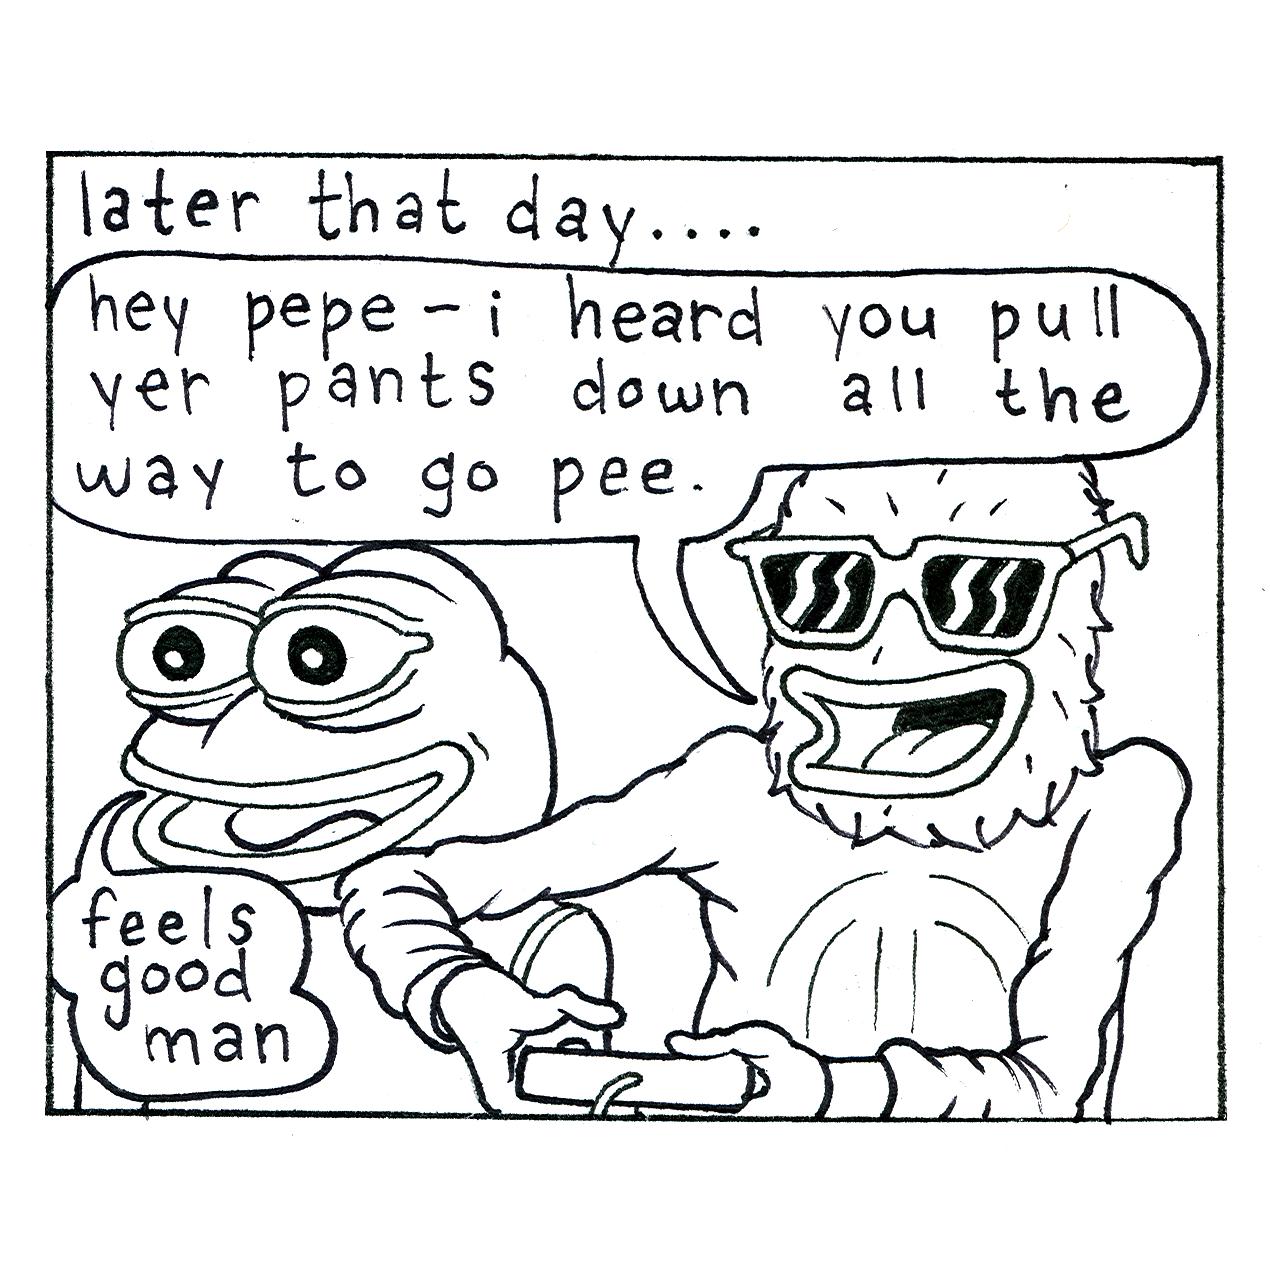 Pepe the Frog NFT Genesis